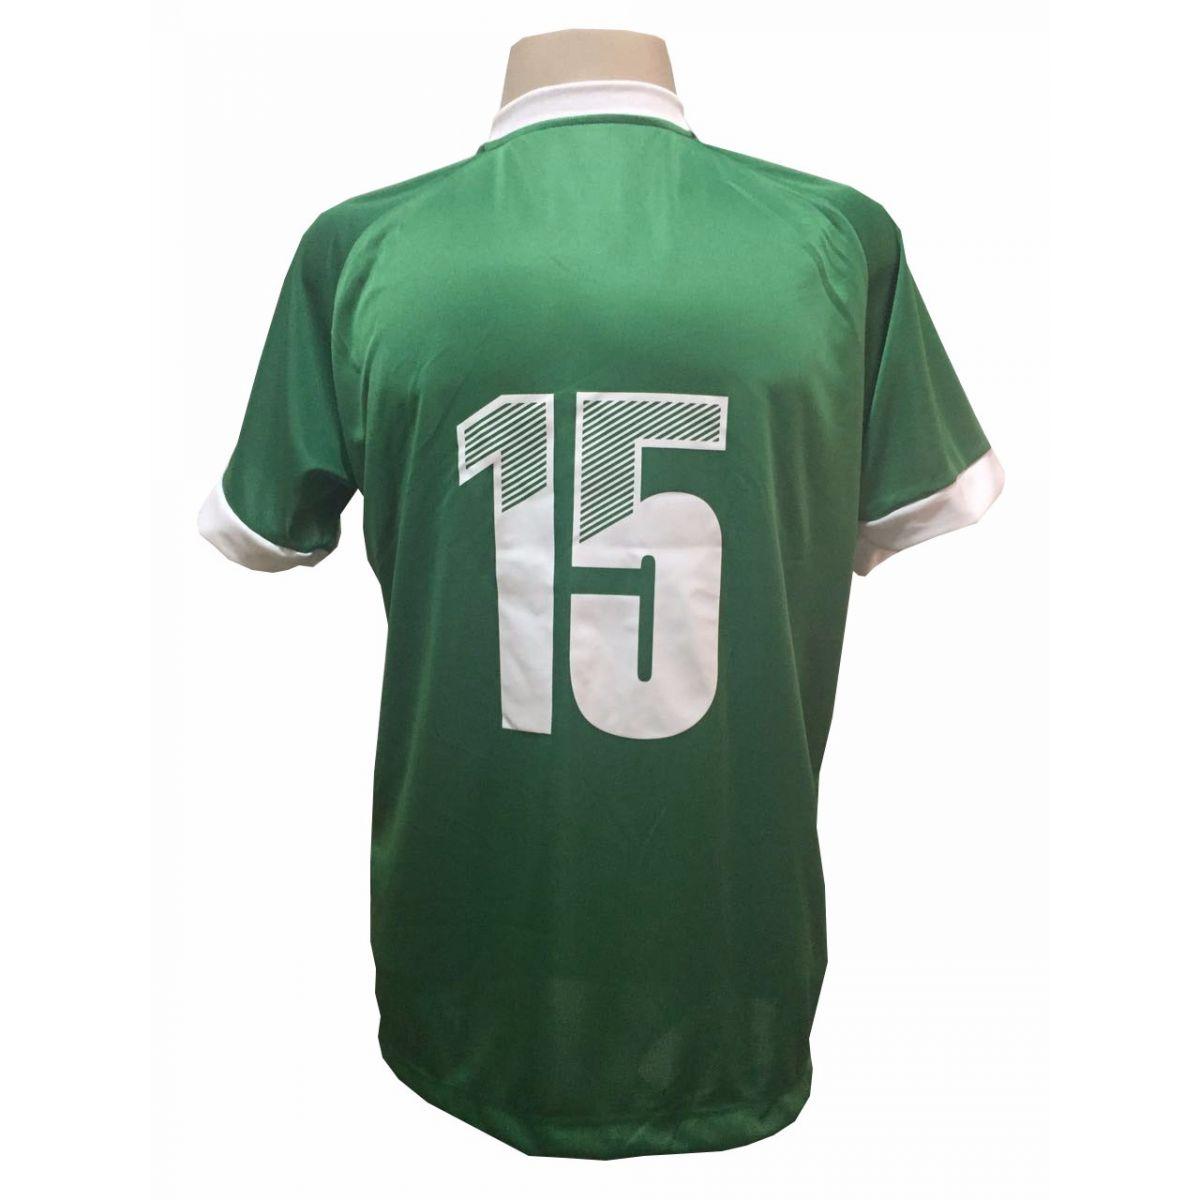 Uniforme Esportivo com 20 camisas modelo Bélgica Verde/Branco + 20 calções modelo Madrid Verde + 20 pares de meiões Branco